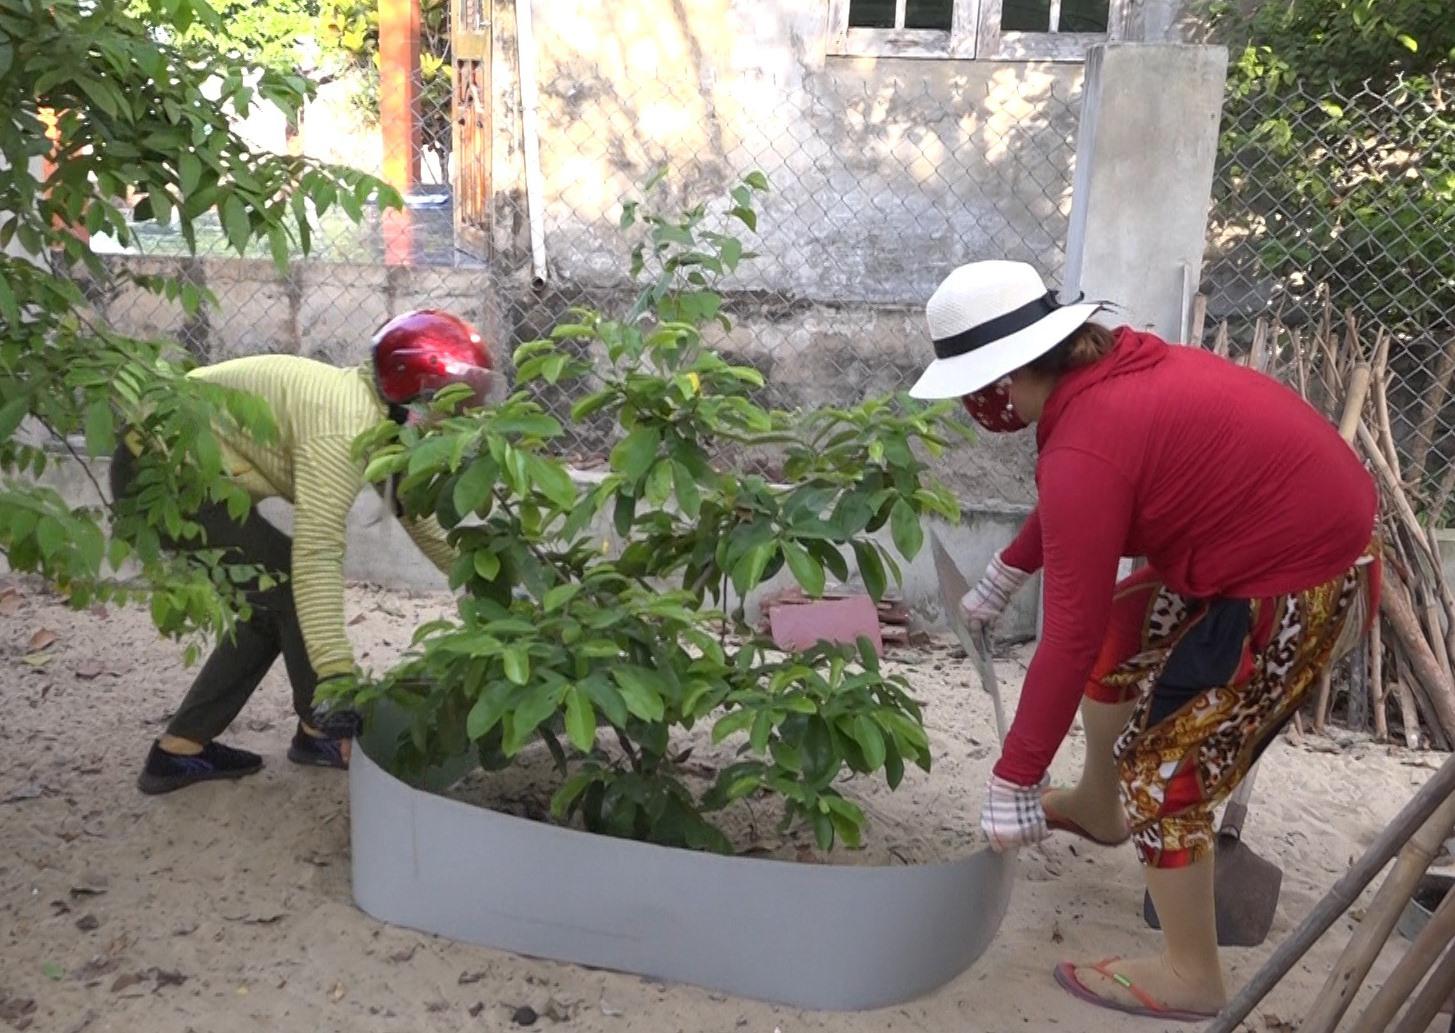 """Những mô hình phân loại rác thải tại nguồn như """"Mỗi hố rác một cây xanh"""" đang được huyện Thăng Bình thực hiện và nhân rộng. Ảnh: B.T"""